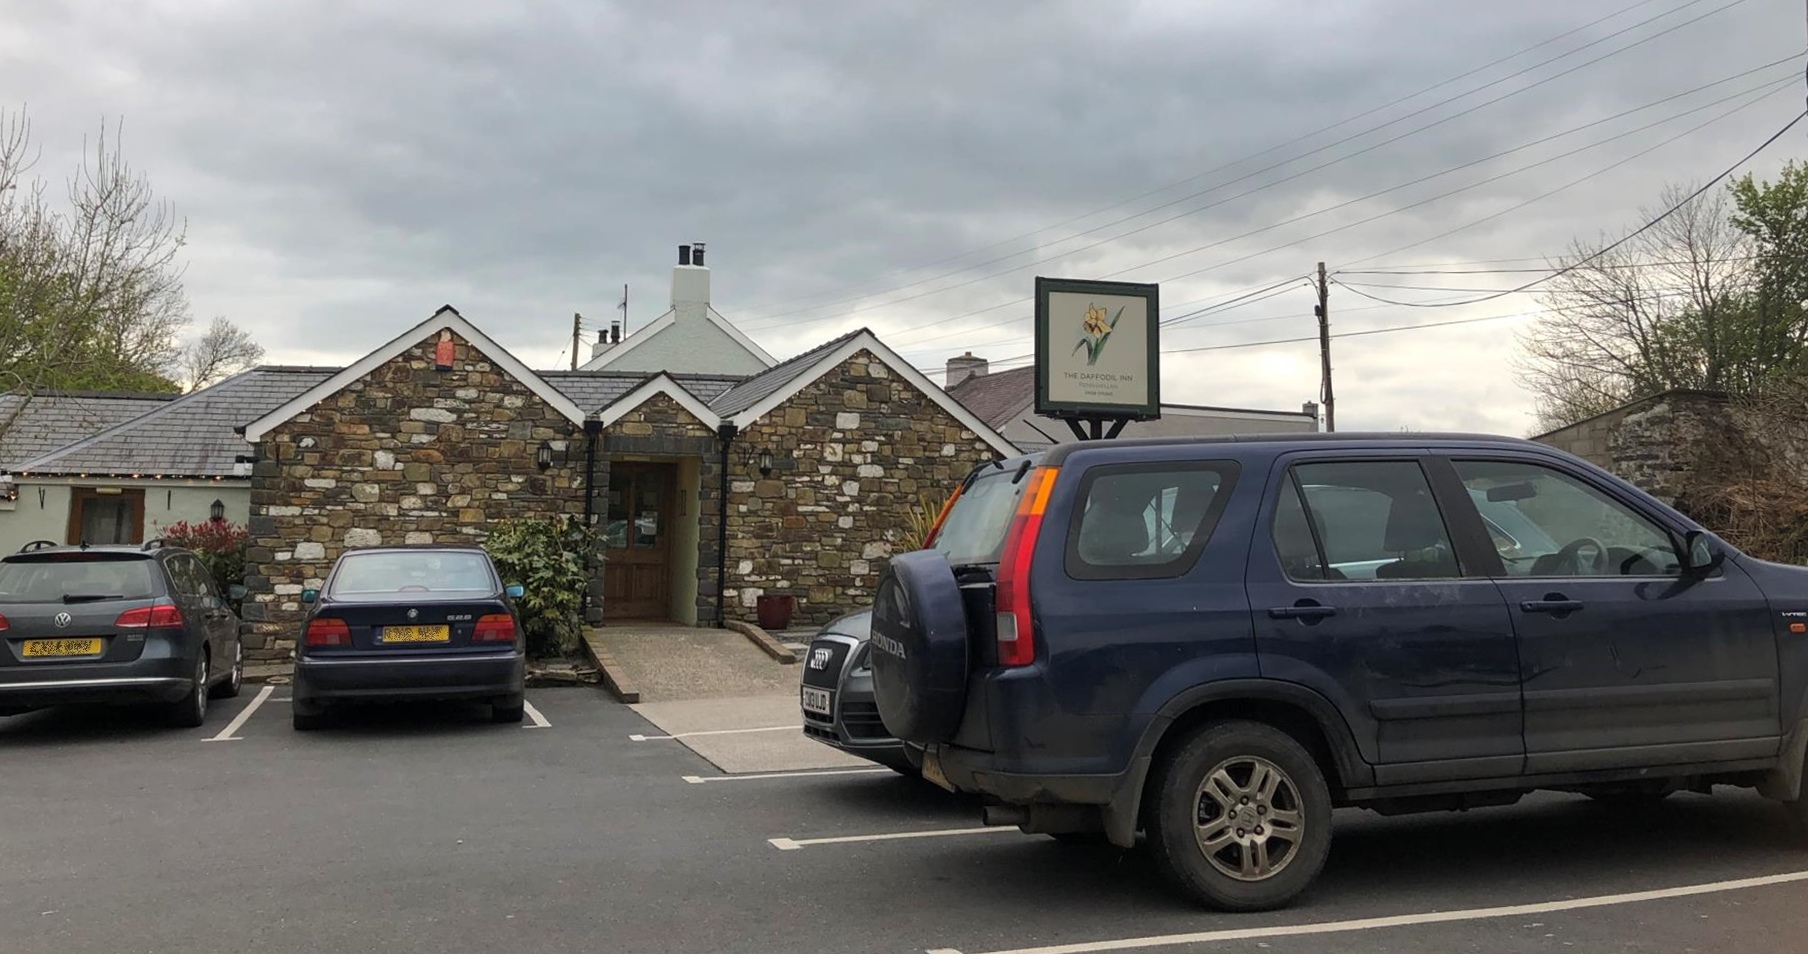 The Daffodil Inn, Llandysul